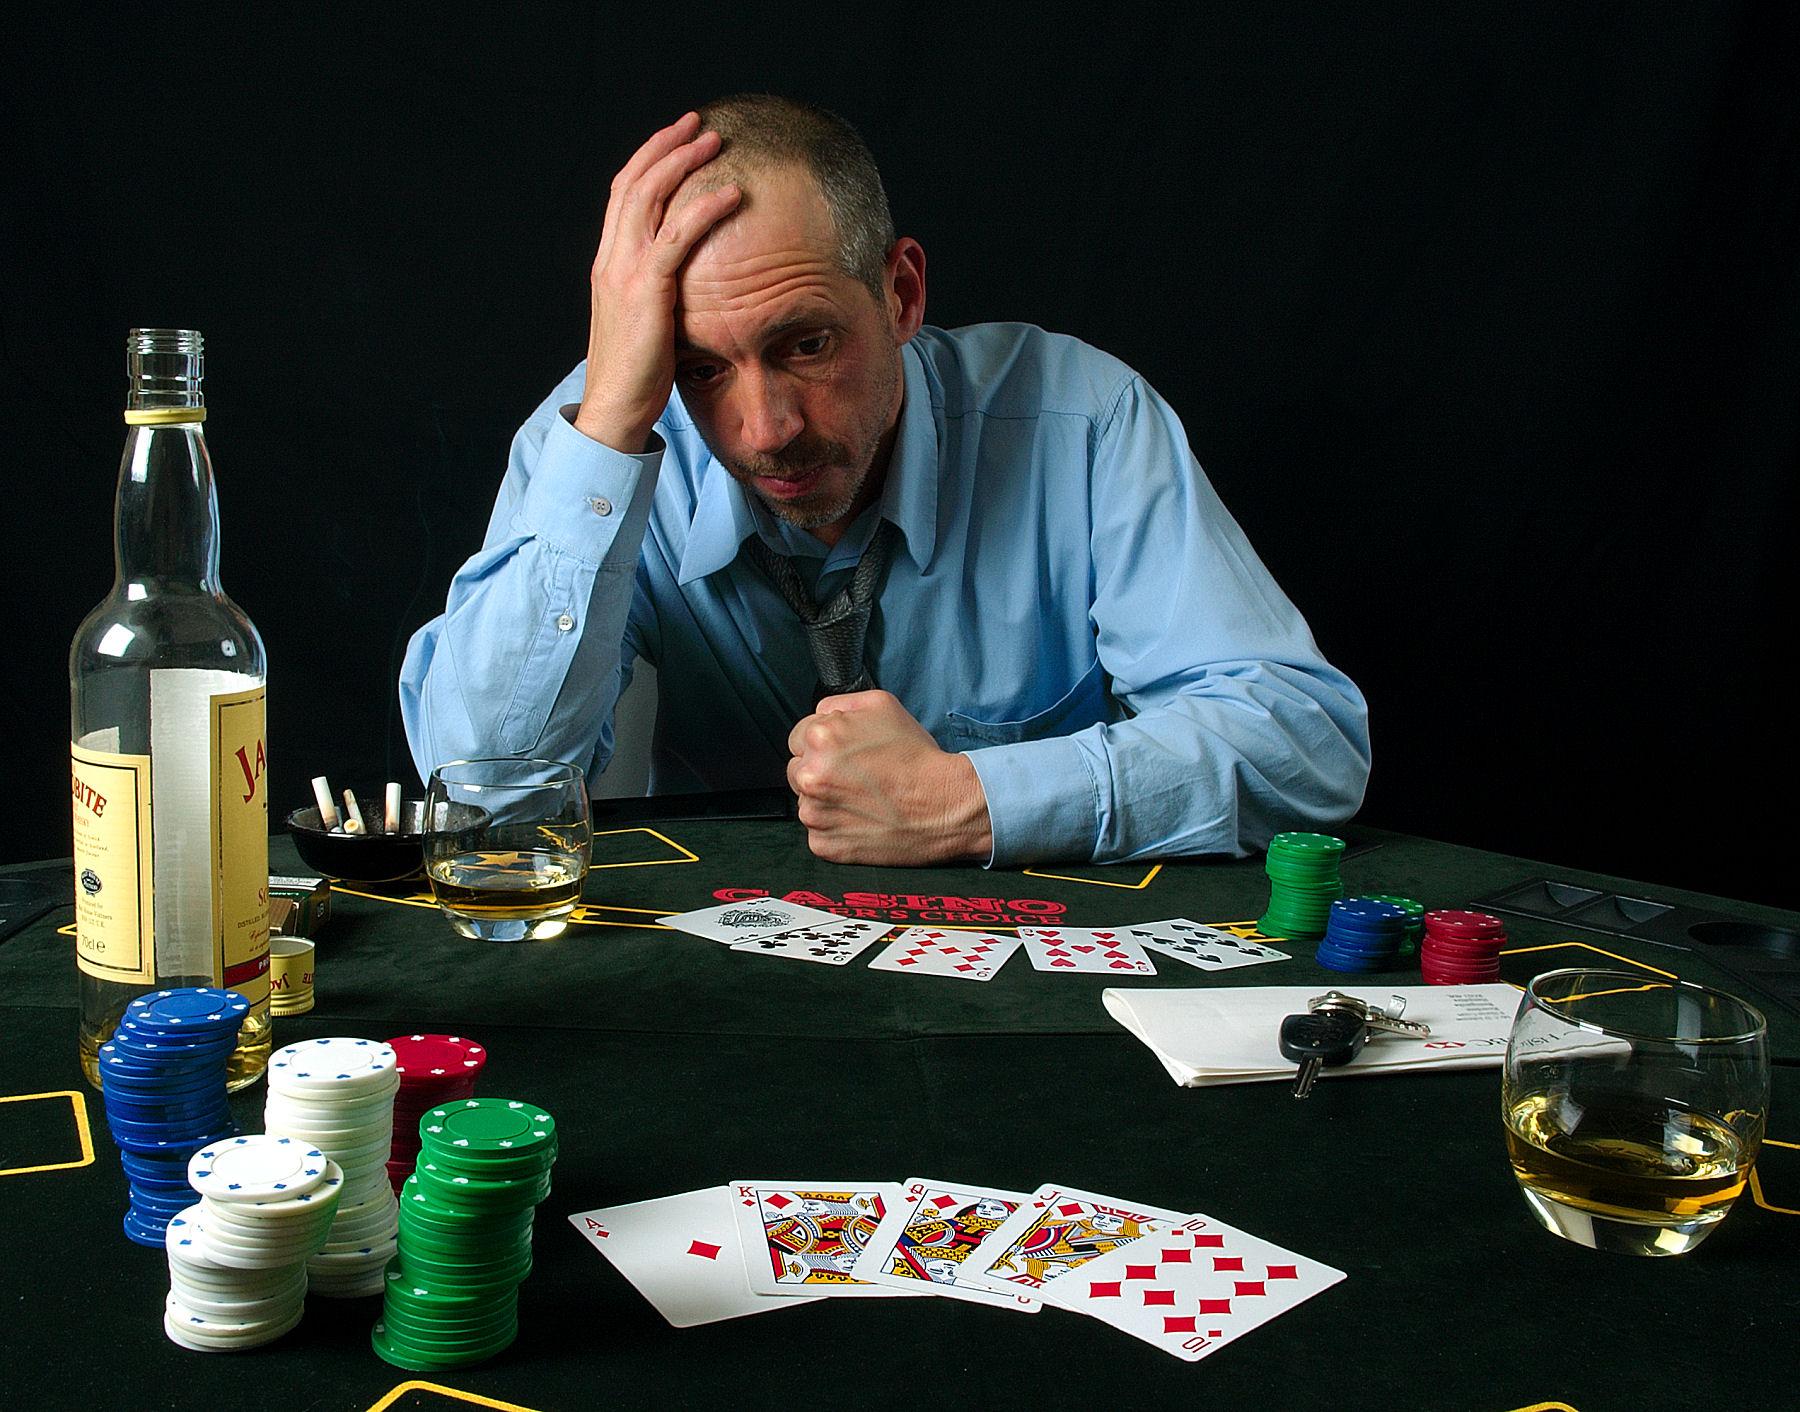 http://31.cdn.bit2host.eu/wp-content/uploads/2009/12/drunk-gambler1.jpg